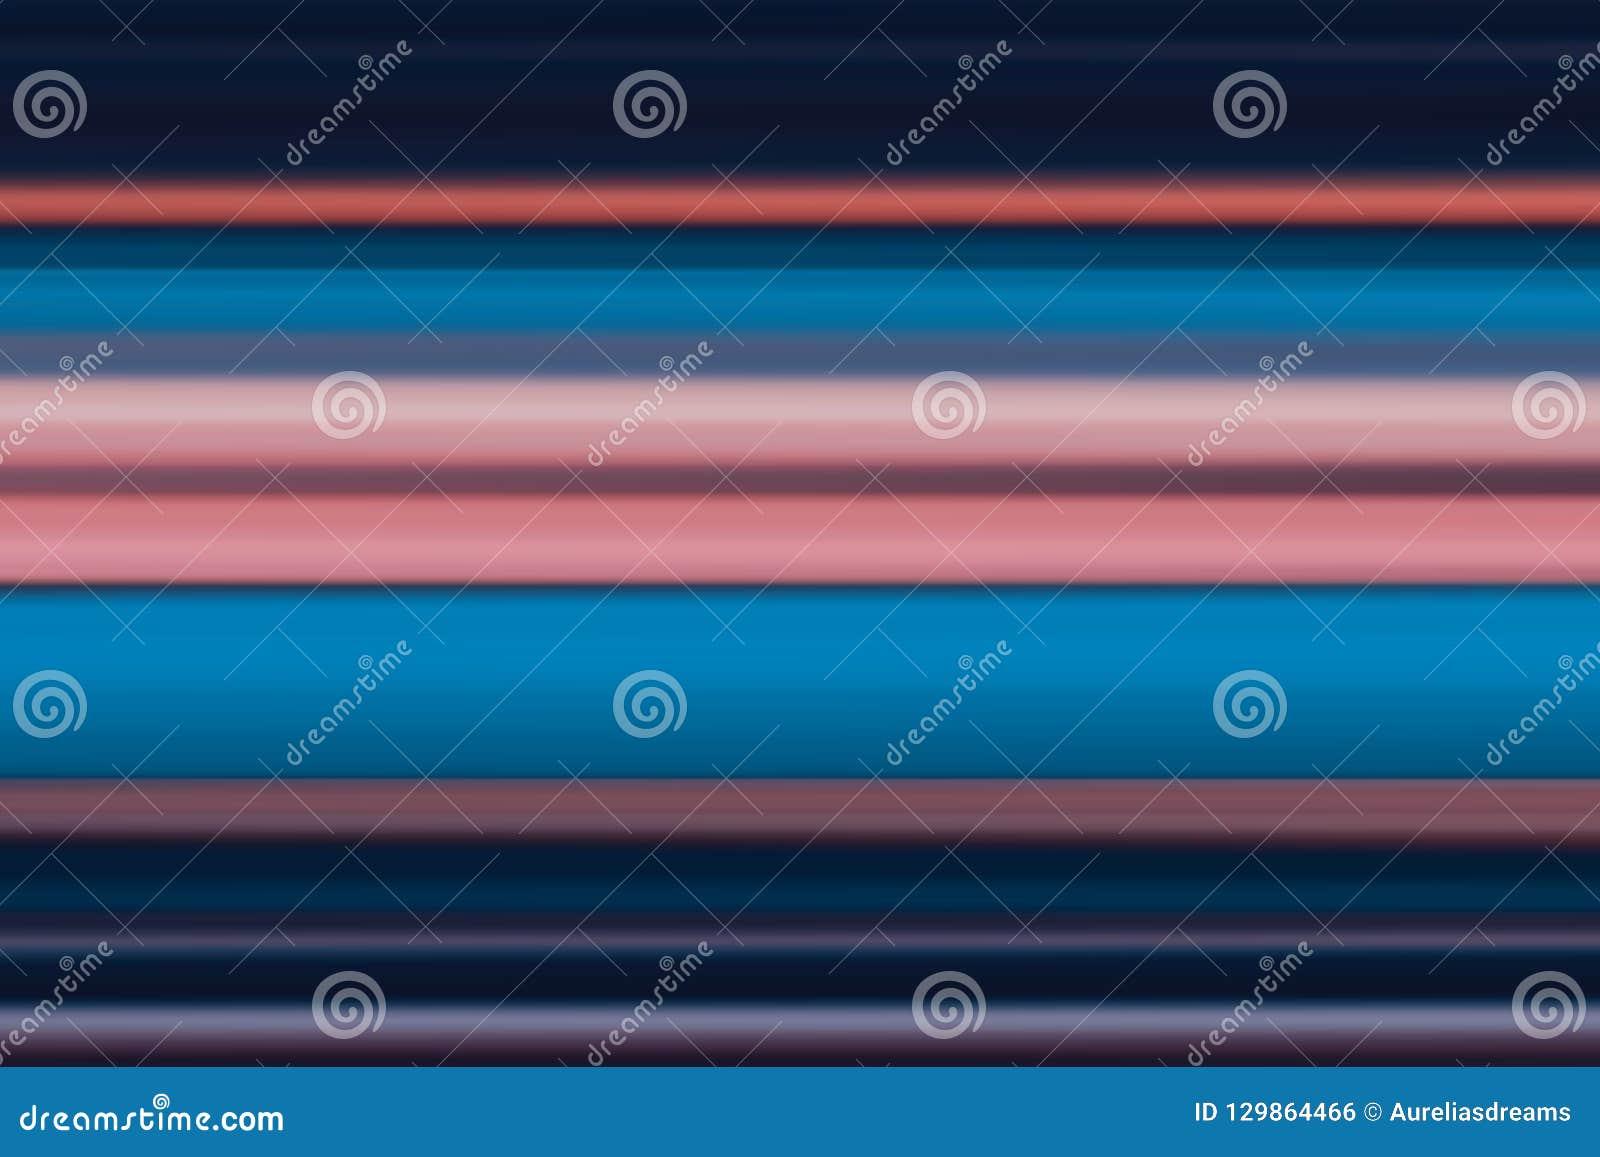 Lineas horizontales brillantes fondo, textura del extracto olorful del ¡de Ð en tonos azules y rosados